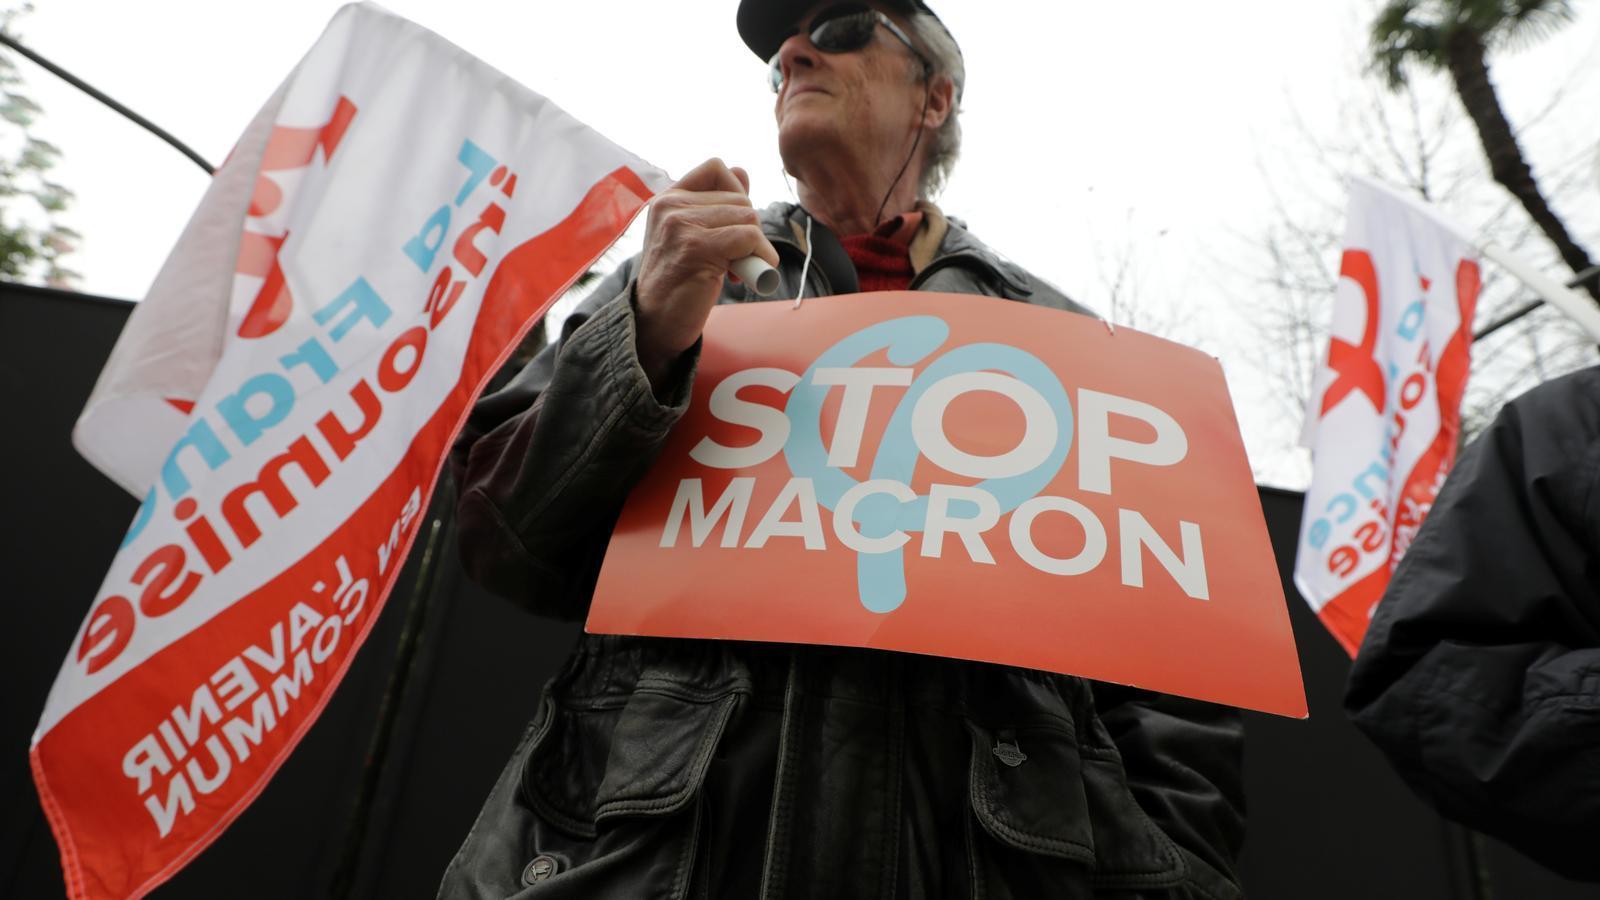 Les turbulències de Macron